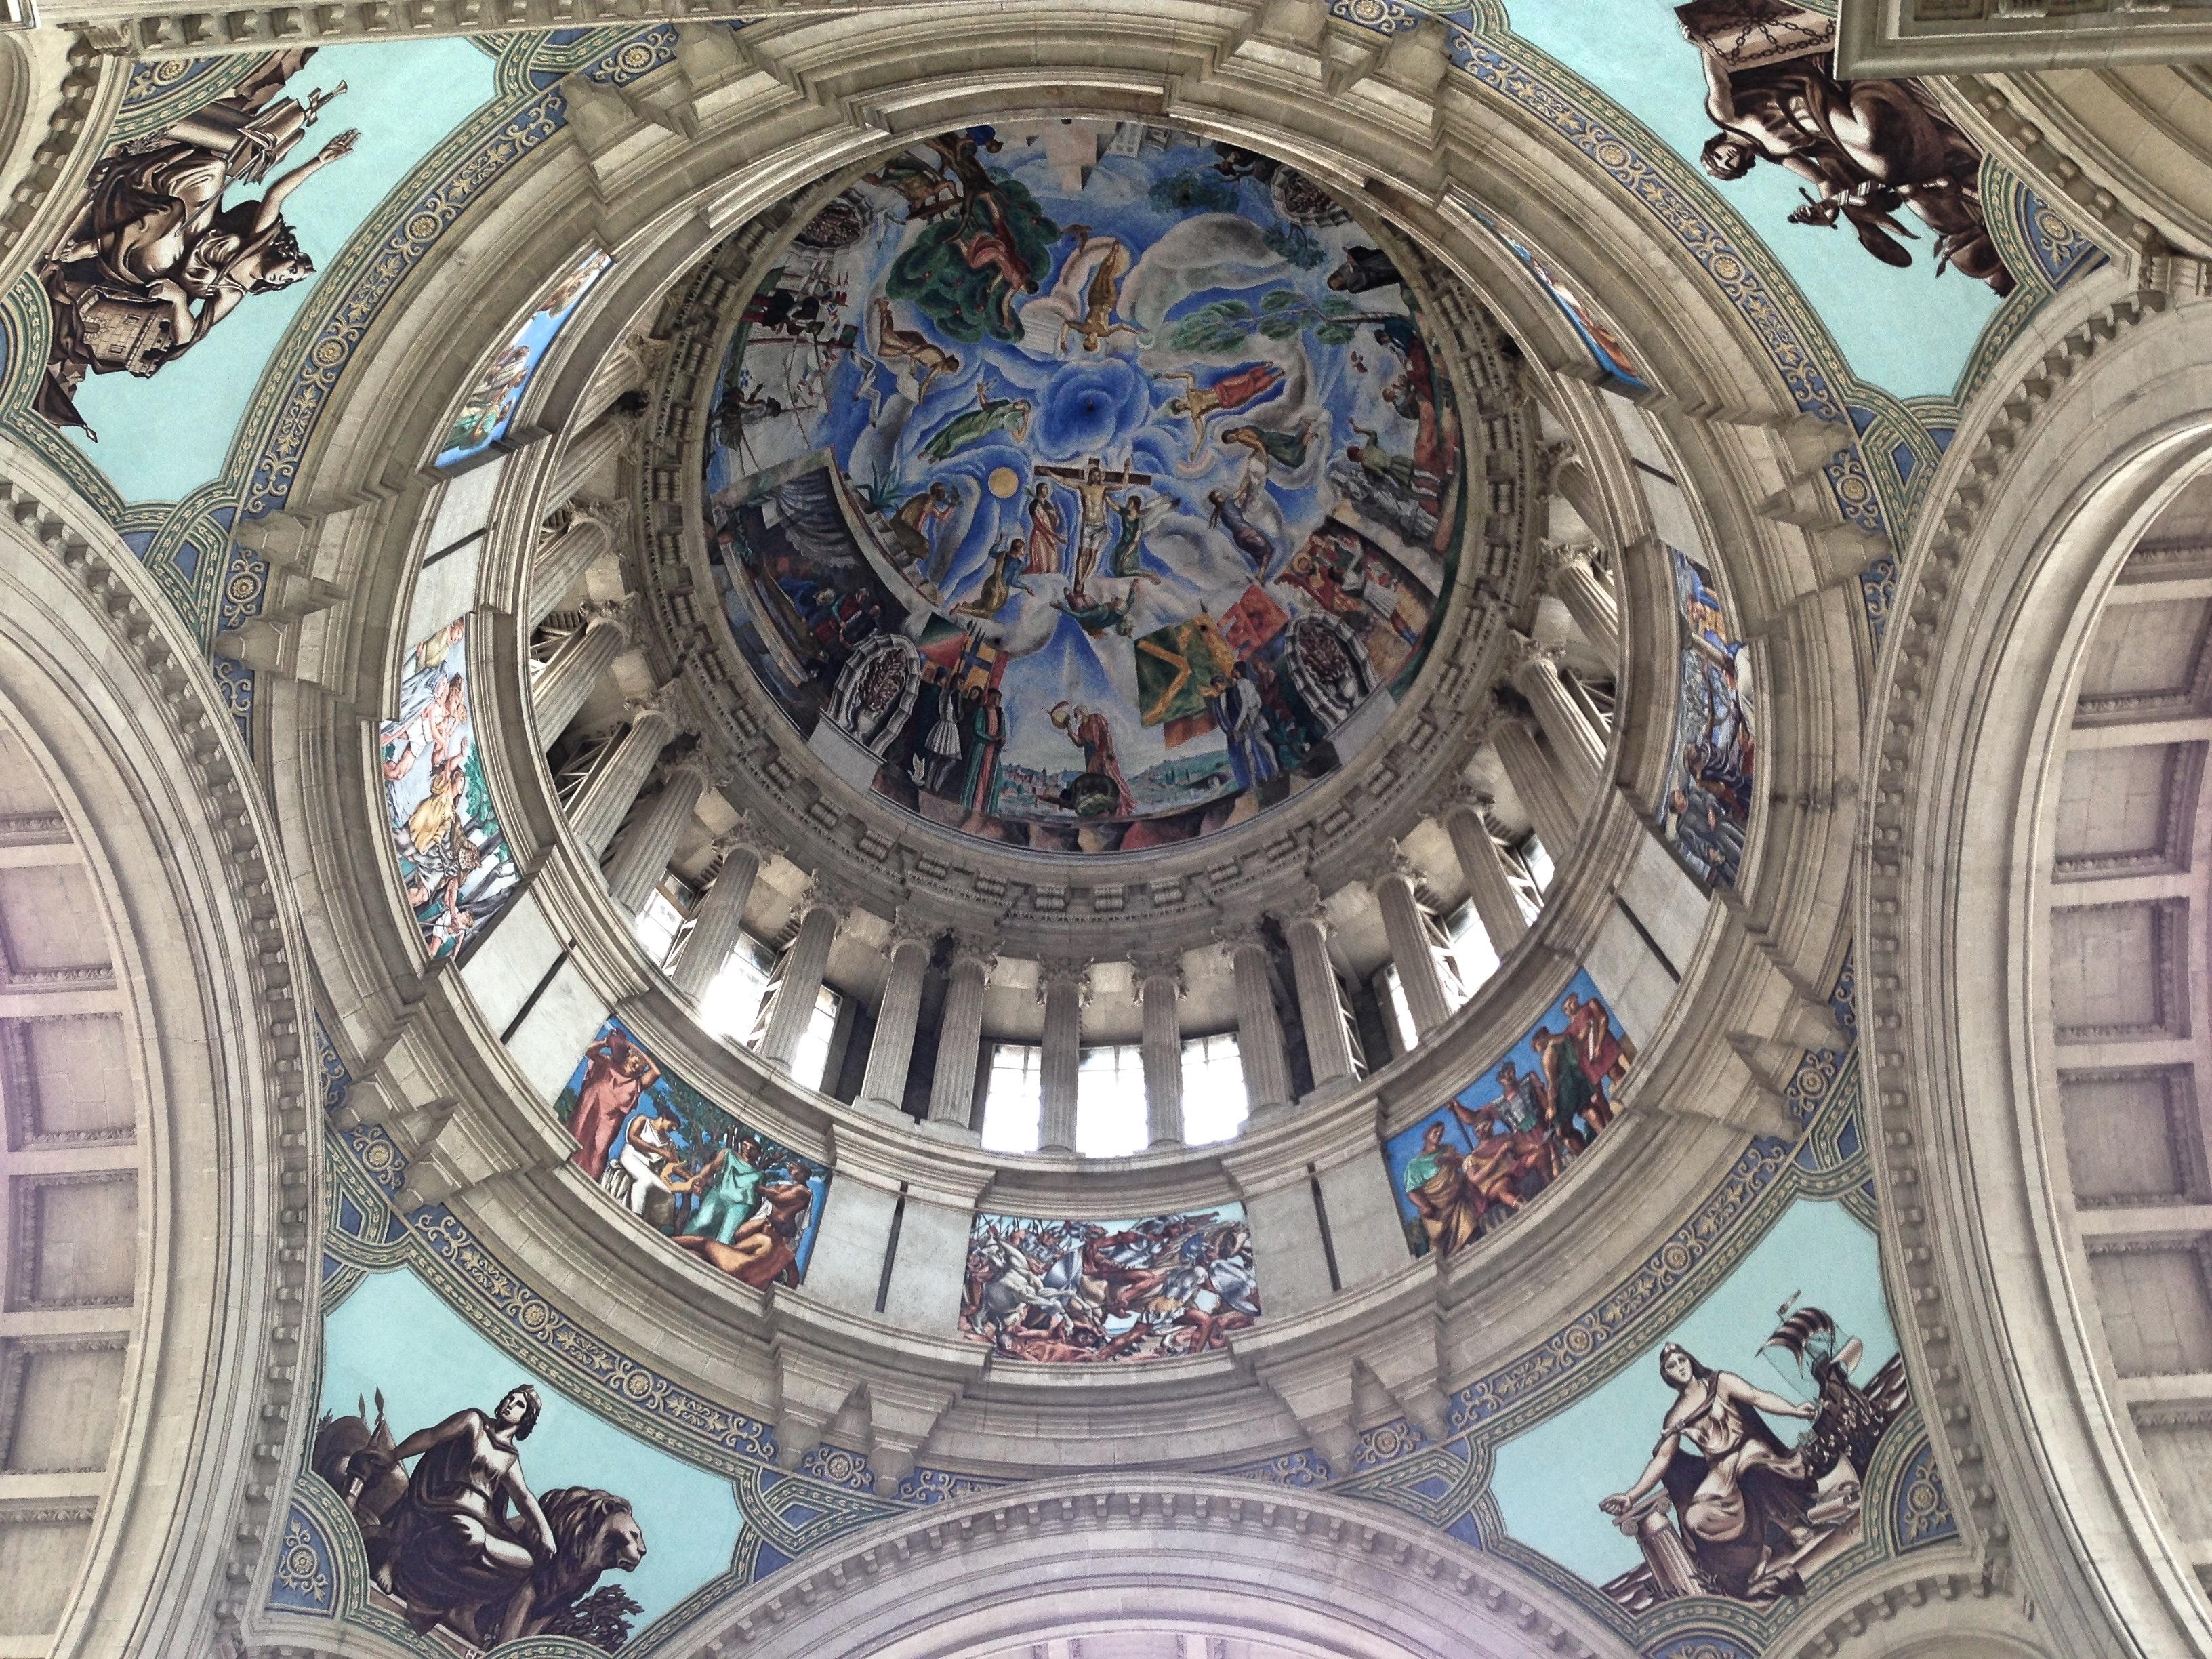 Catalanmuseum_dome